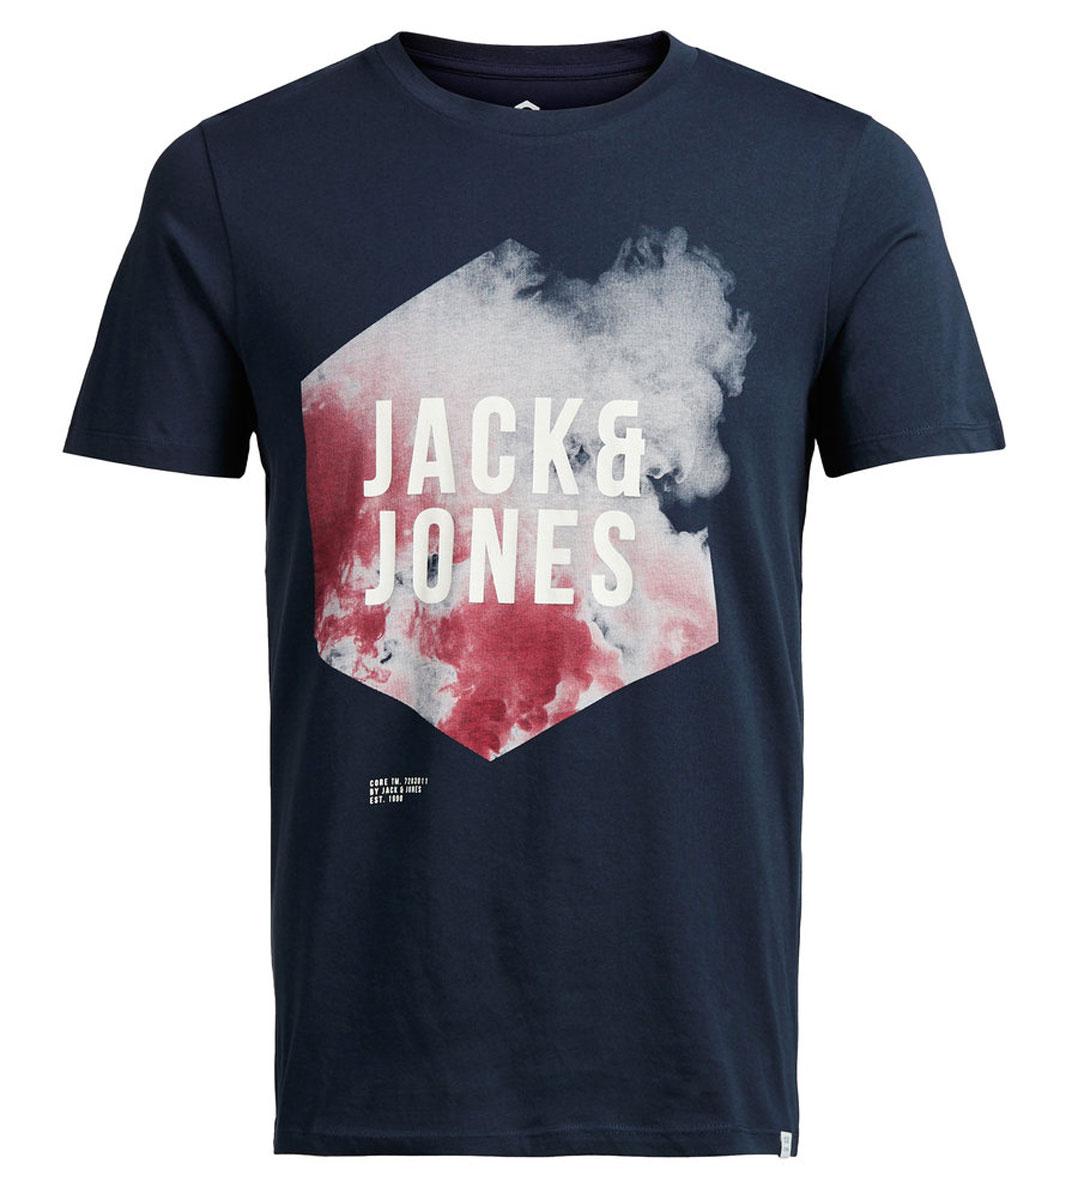 12108920_Navy BlazerМужская футболка Jack & Jones с короткими рукавами и круглым вырезом горловины выполнена из натурального хлопка. Футболка украшена крупным принтом с логотипом бренда спереди.